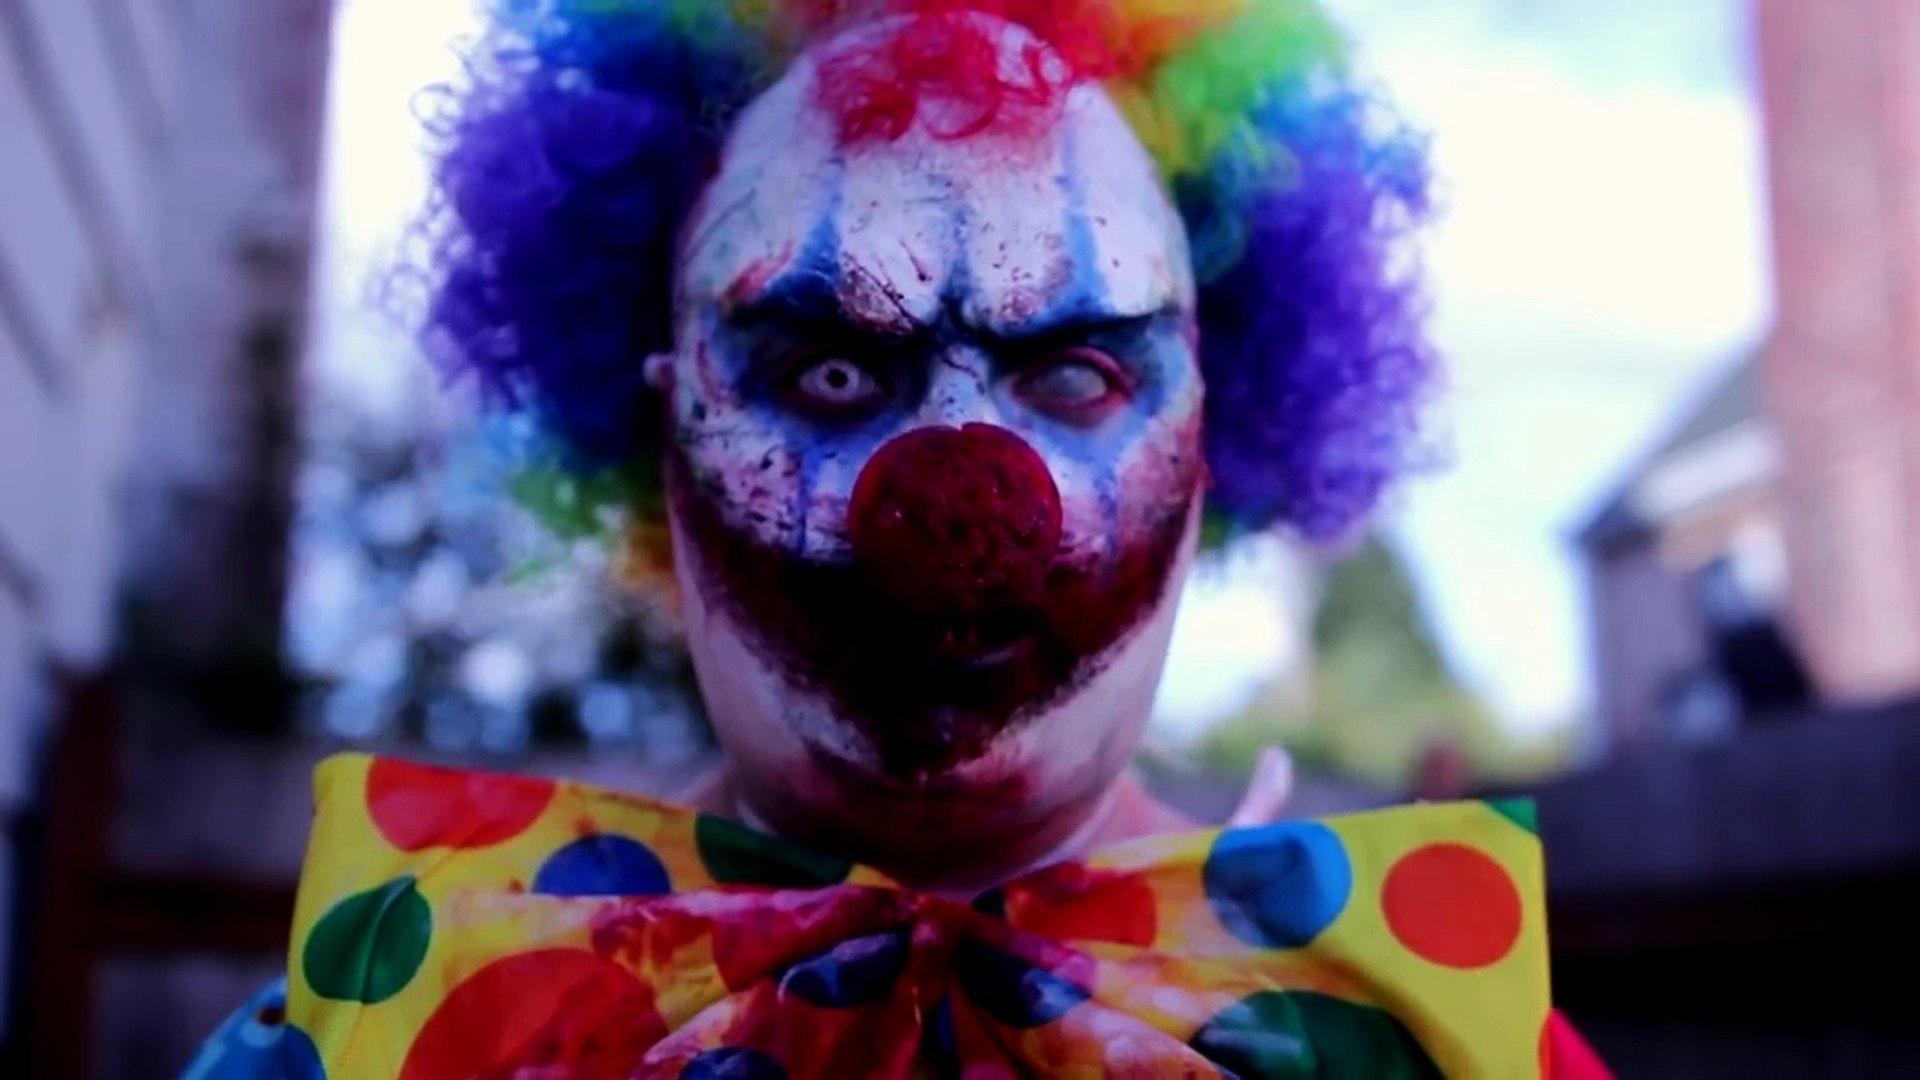 KILLER CLOWN   Halloween Costume Makeup Tutorial   31 Days of Halloween   RawBeautyKristi